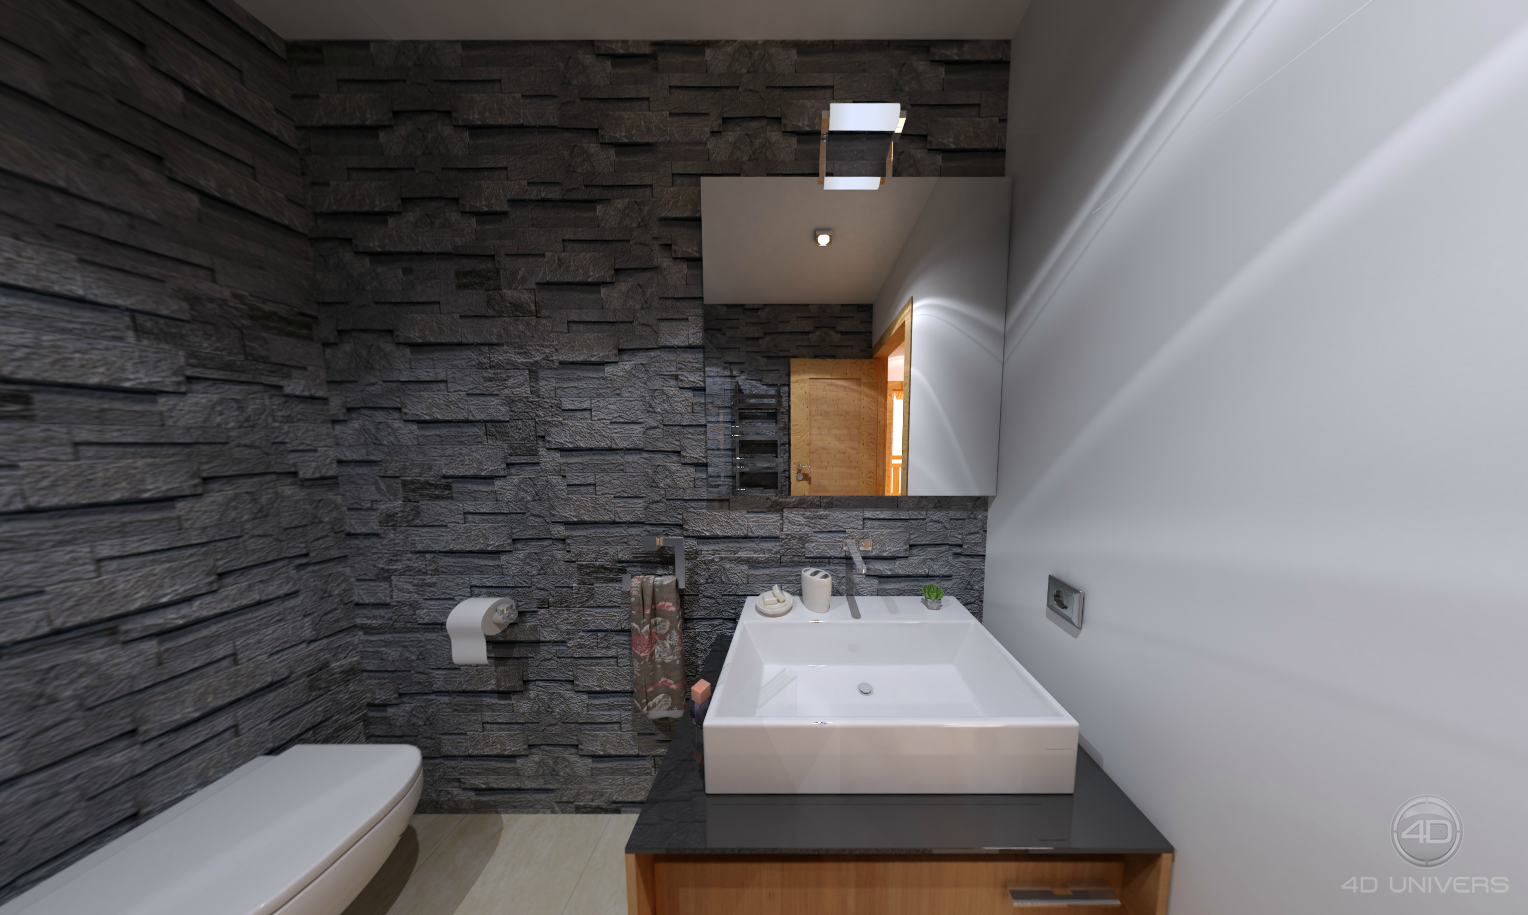 Programme immobili re 3d morzine le chalet altaka for Salle de bain d exception